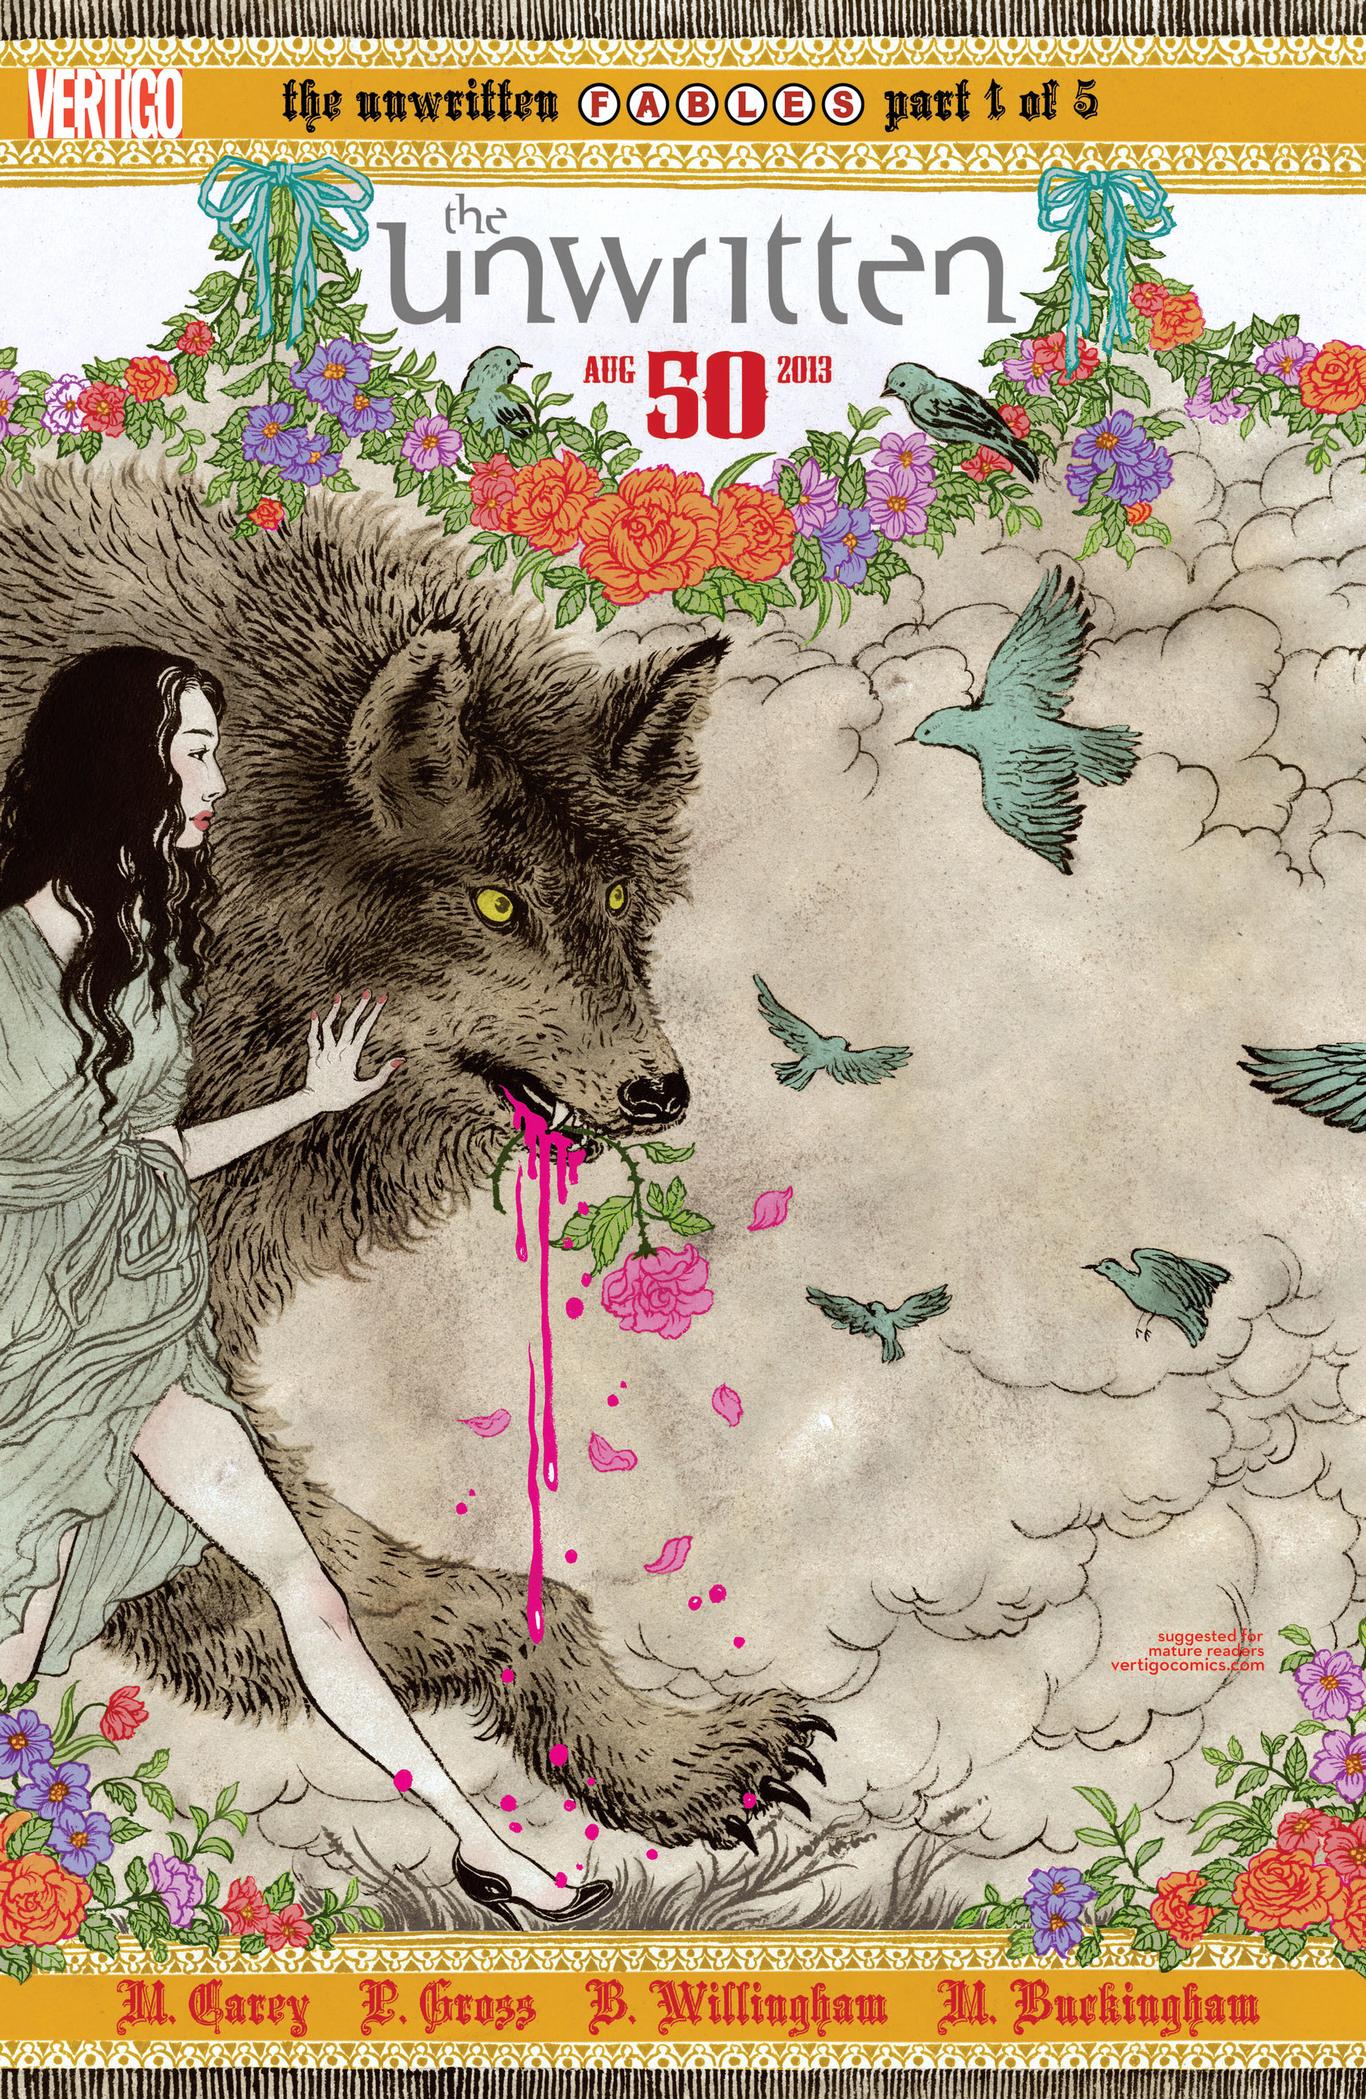 theunwritten50